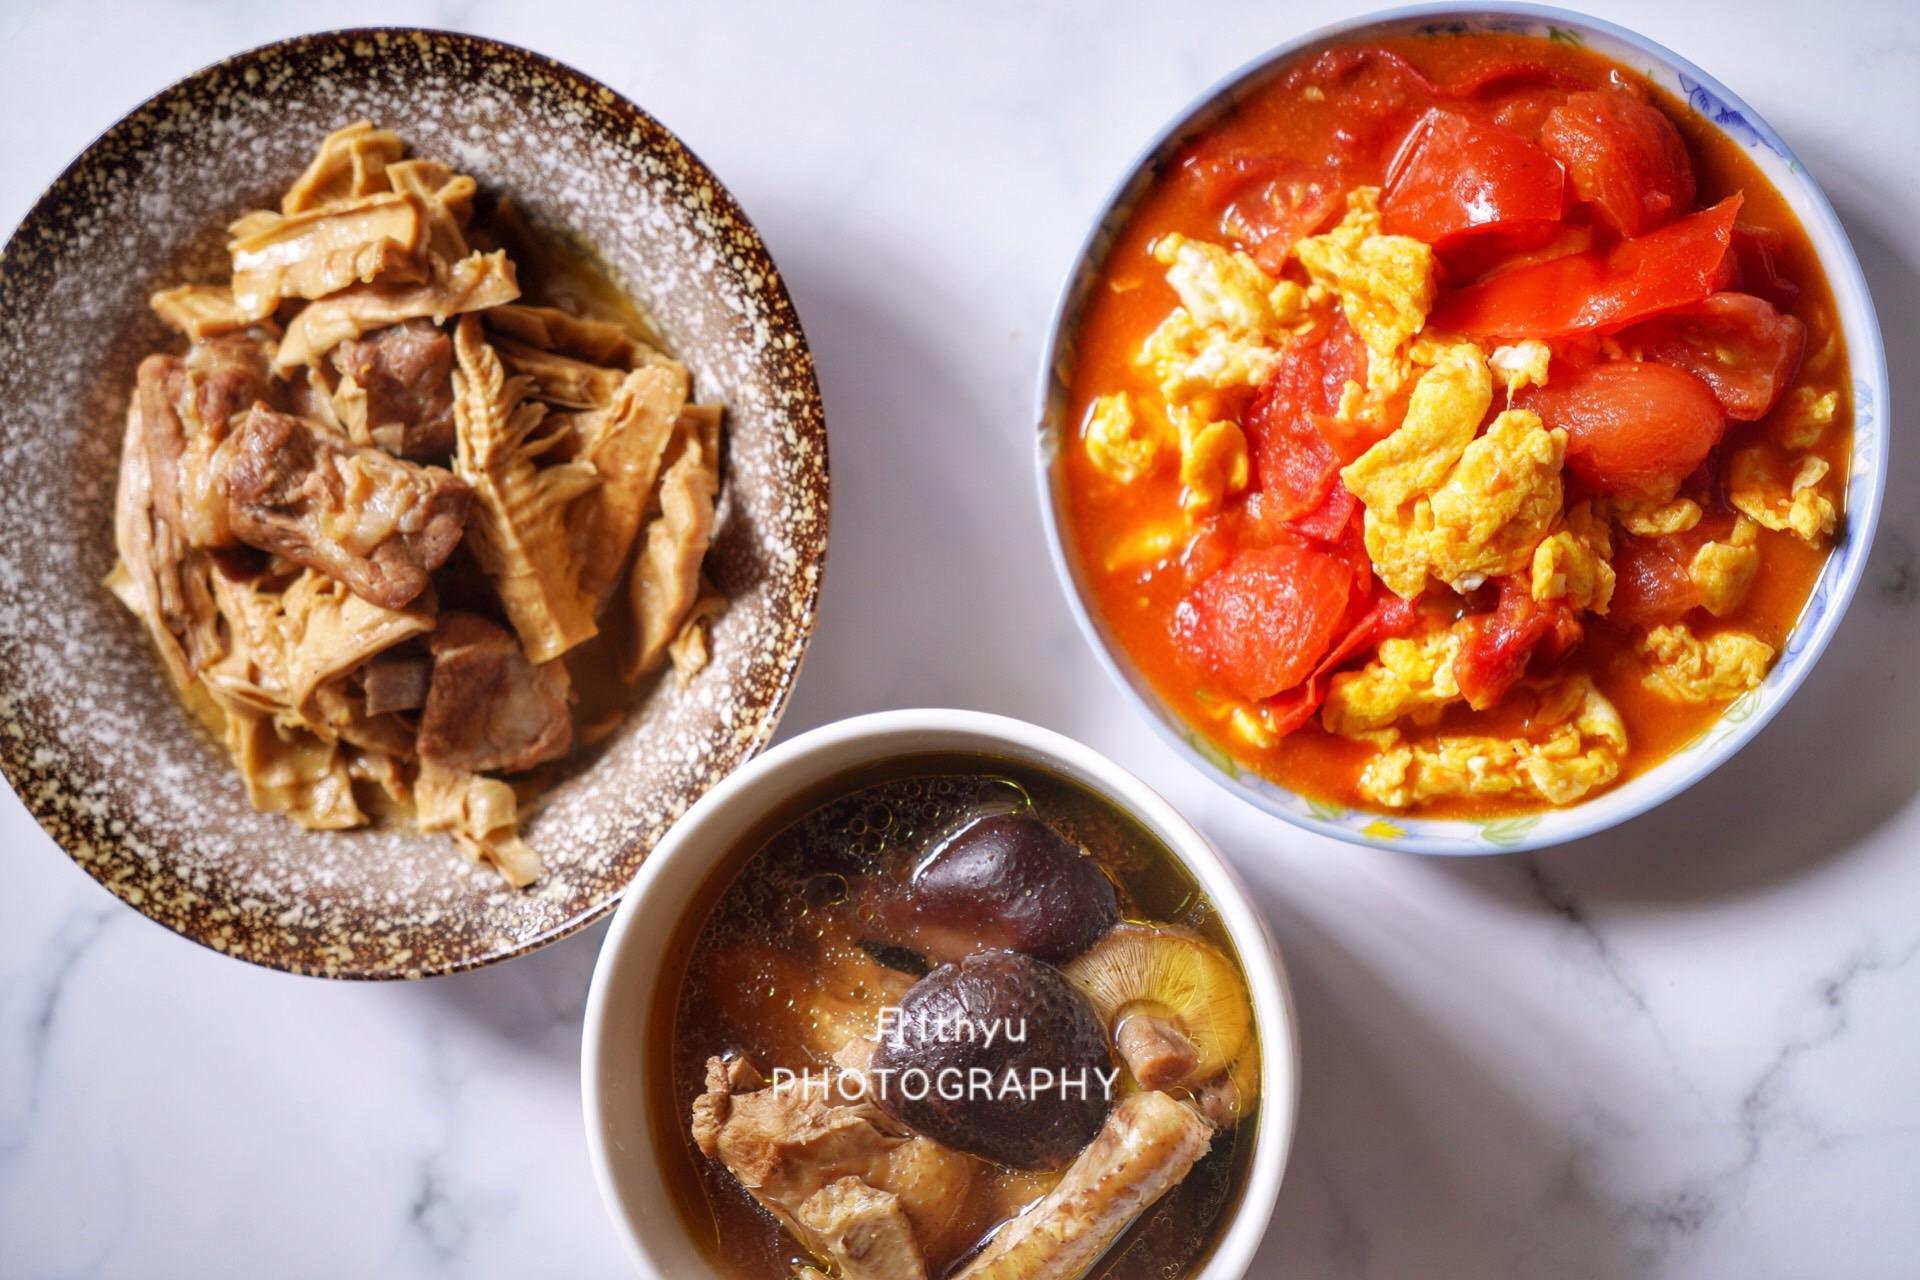 一兴精选,美味又大份的干货就是炖汤的好选择